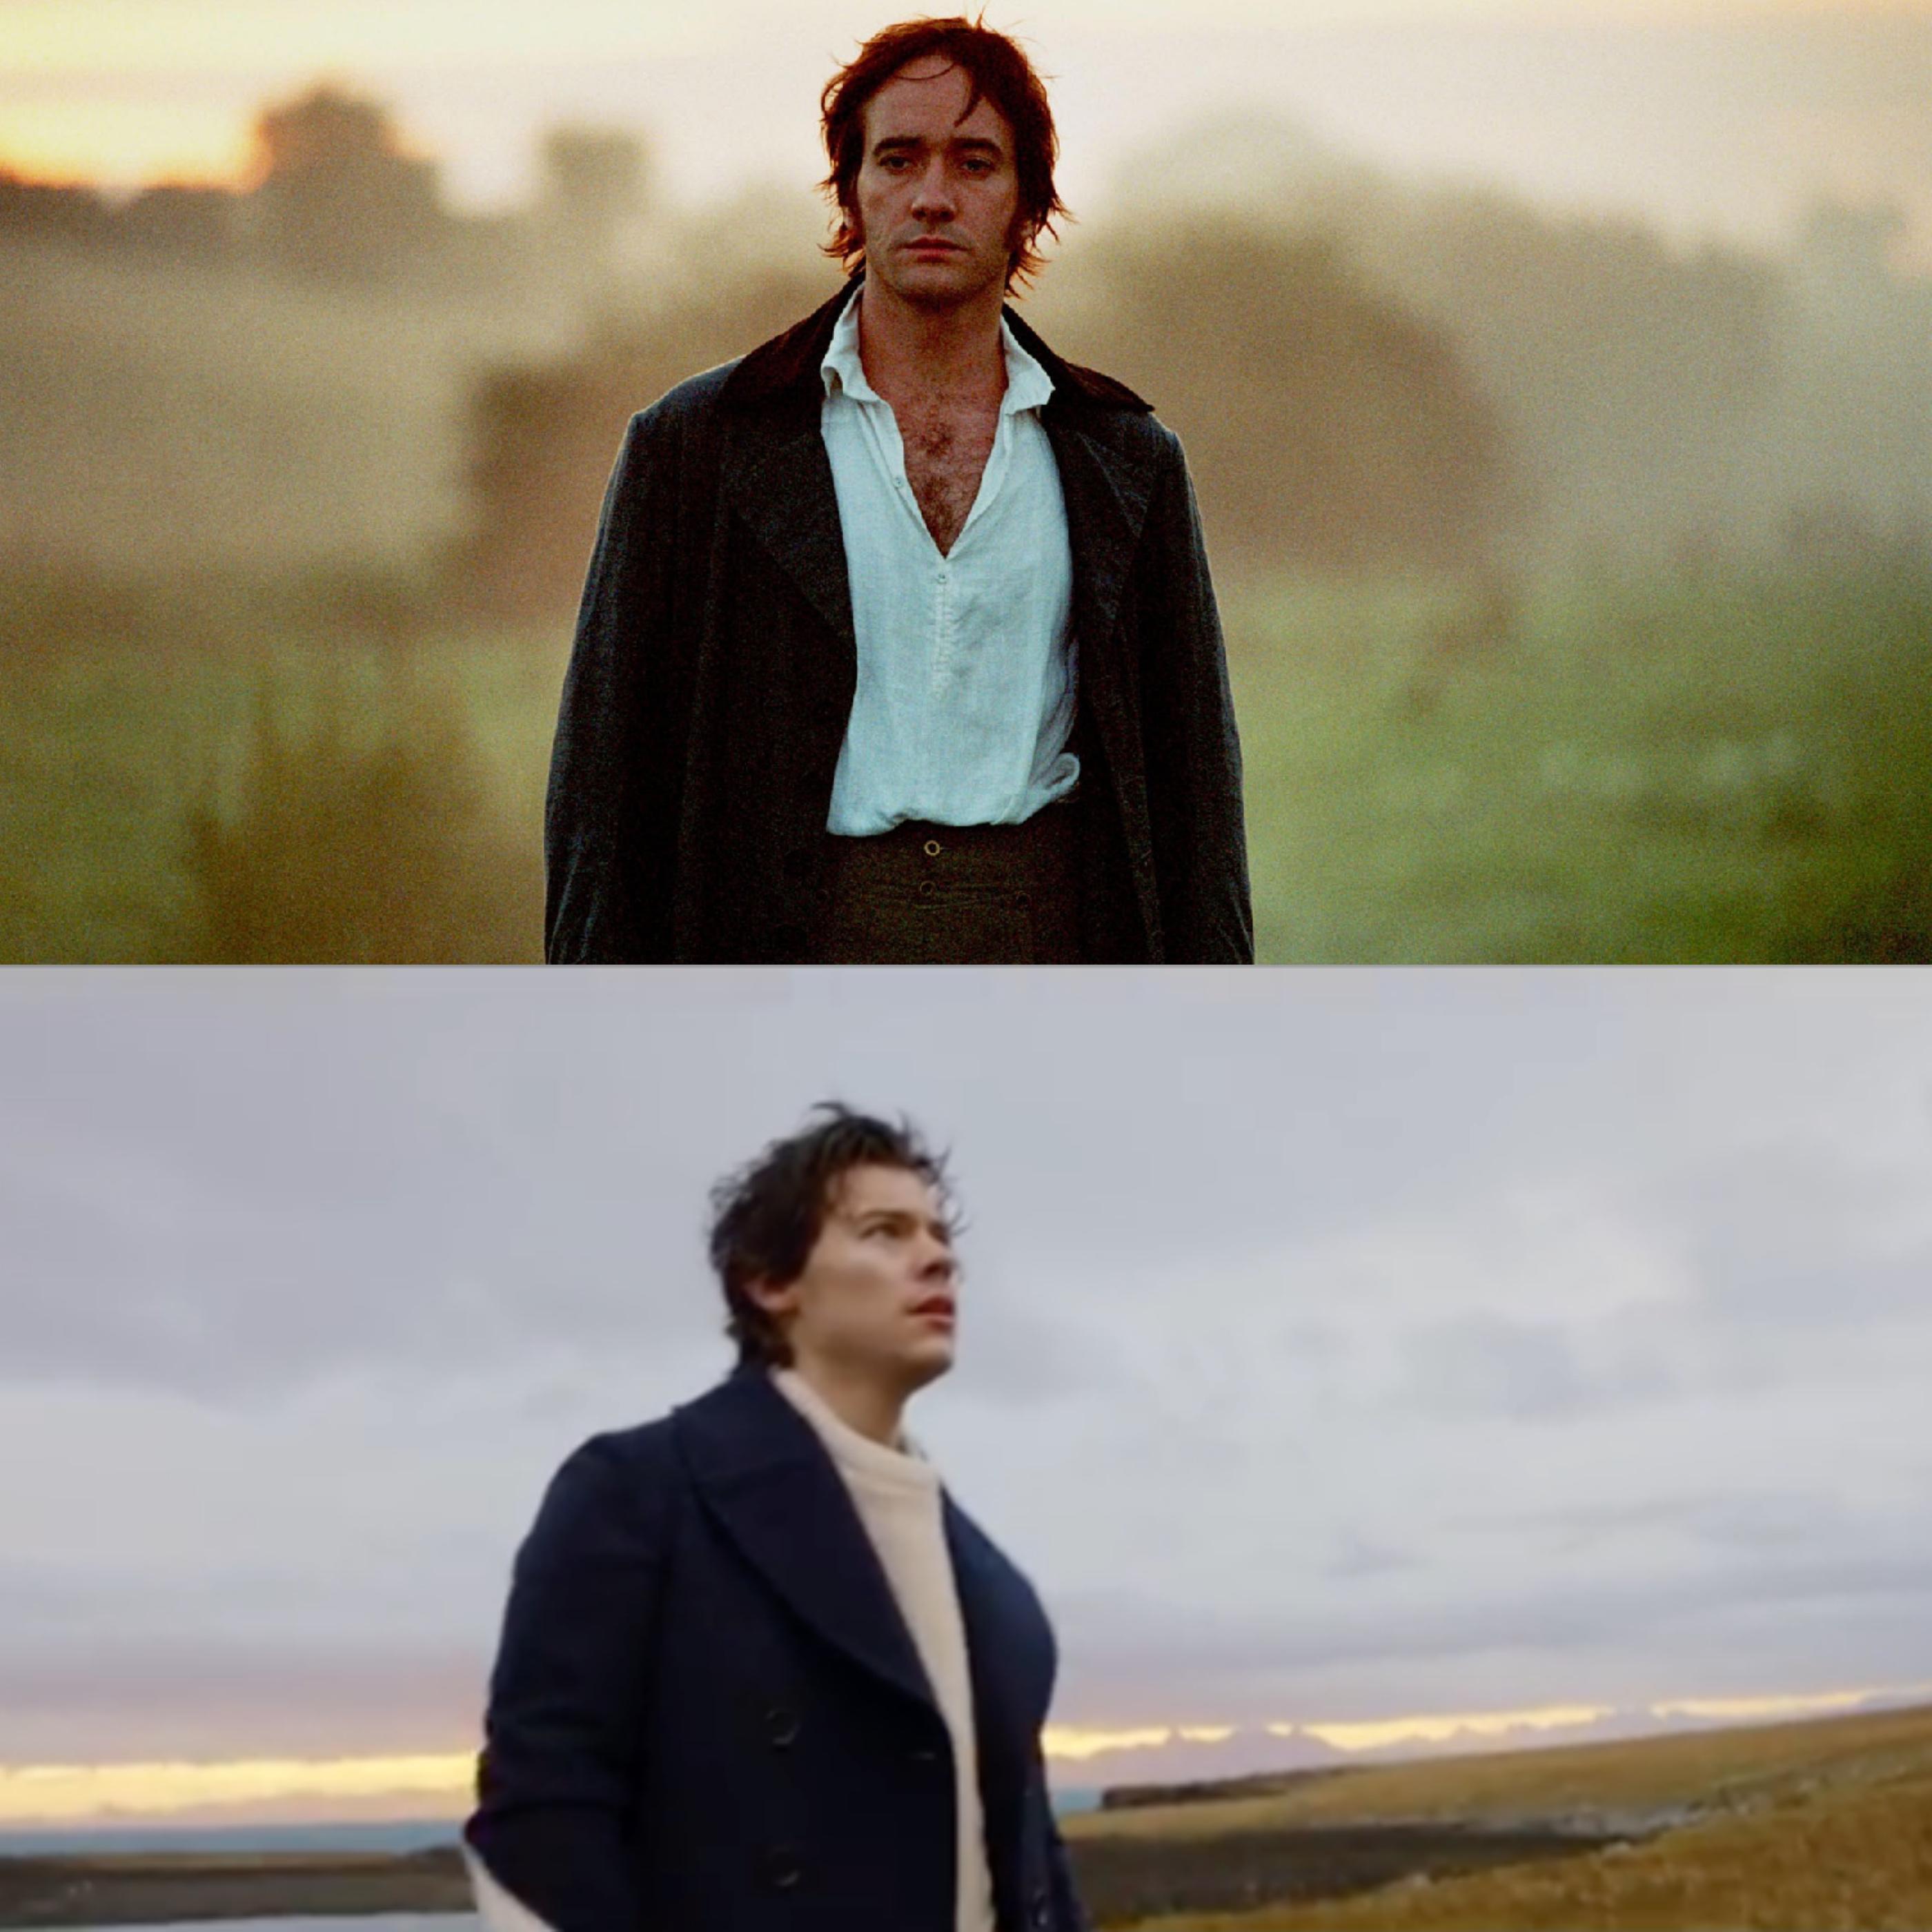 """Mr. Darcy em """"Orgulho e preconceito"""" e Harry Styles em """"Sign of the Times""""."""